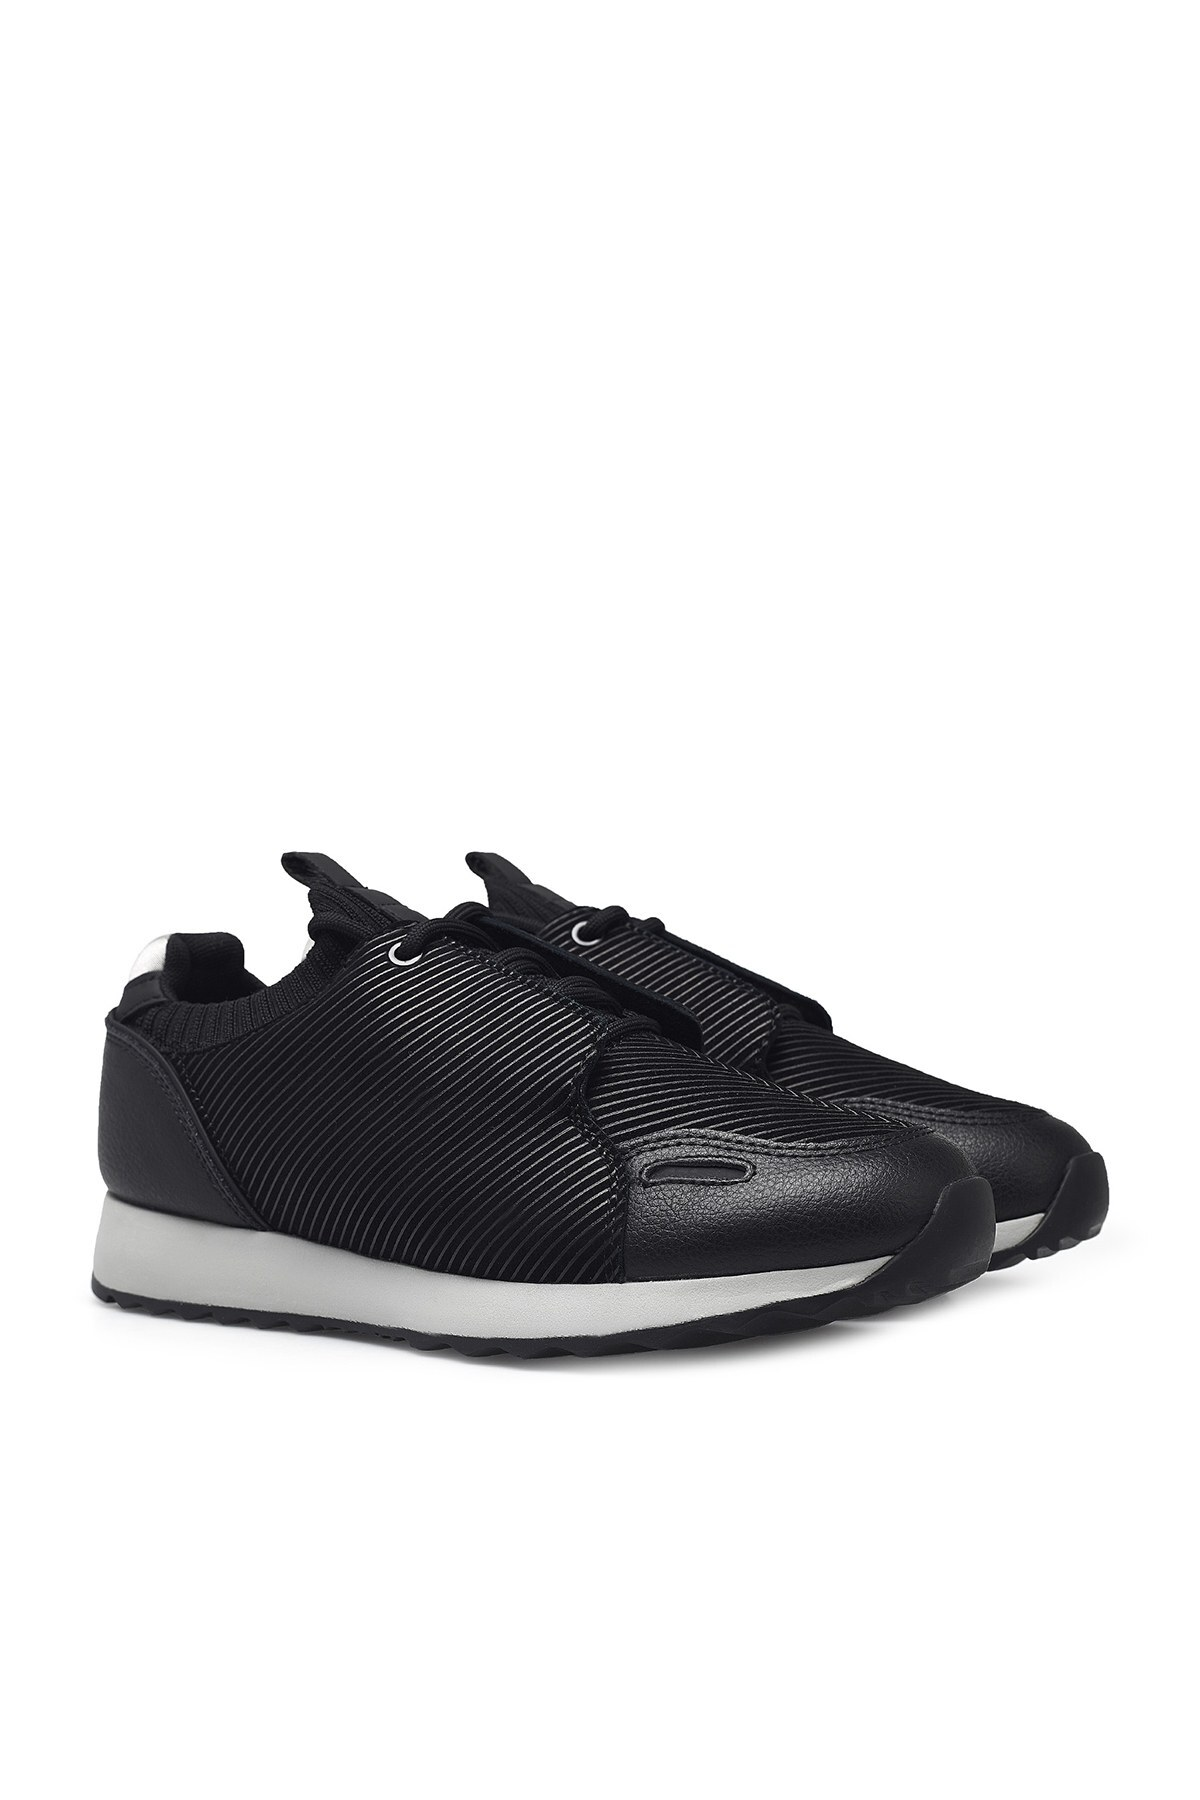 Emporio Armani Erkek Ayakkabı X4X241 XM245 C267 SİYAH